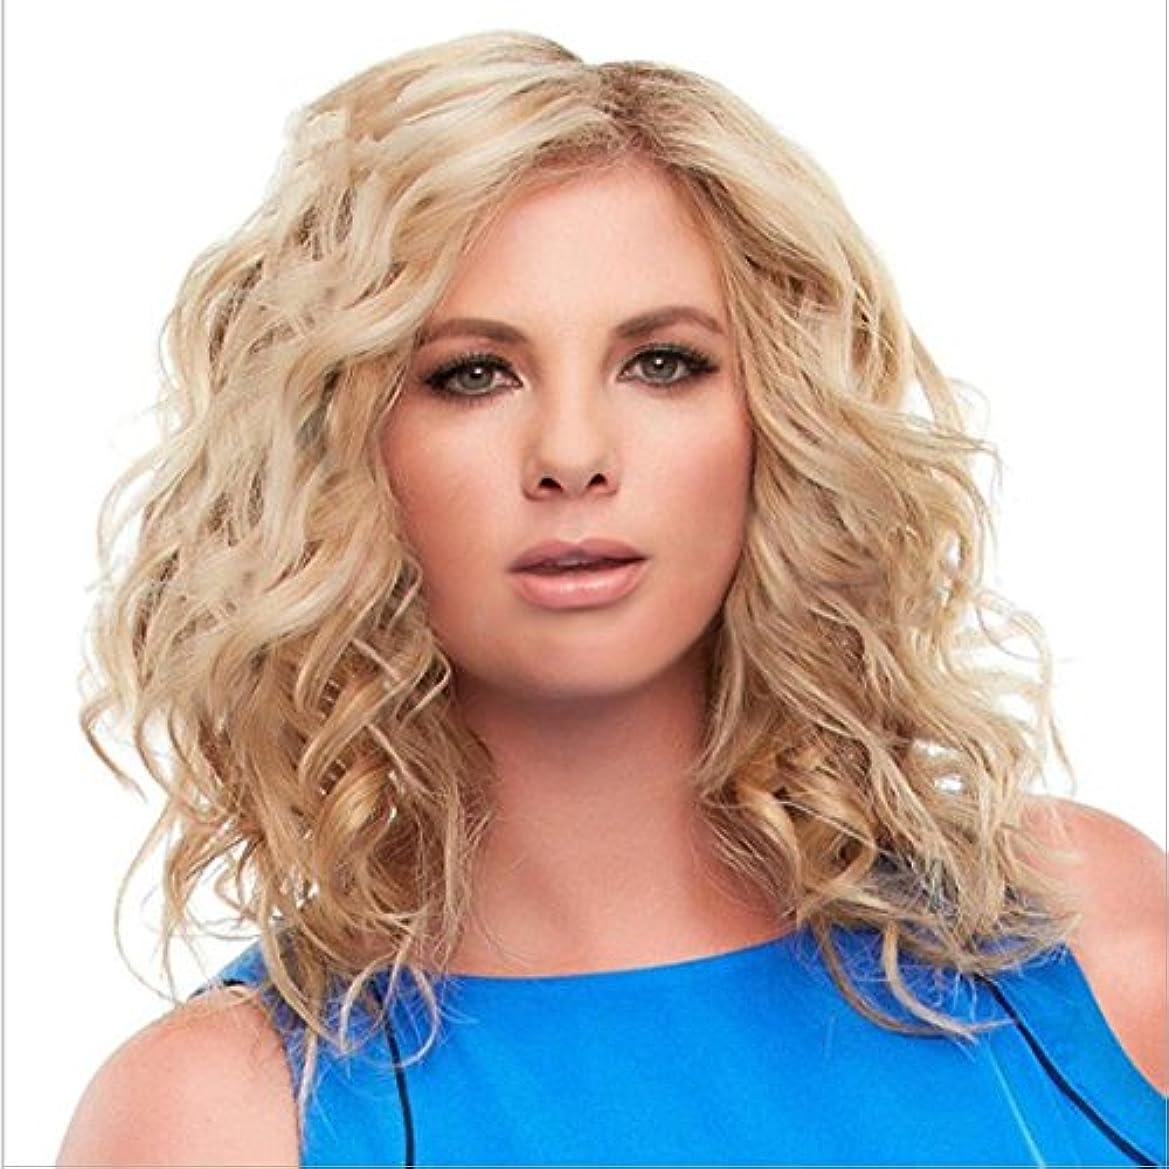 行政光の社員YOUQIU 化学繊維の女性のかつらユースレディースロングカーリーナチュラルカラーウィッグを有する中間前髪髪の耐熱ウィッグの長さについては65センチメートルウィッグ (色 : ゴールド)